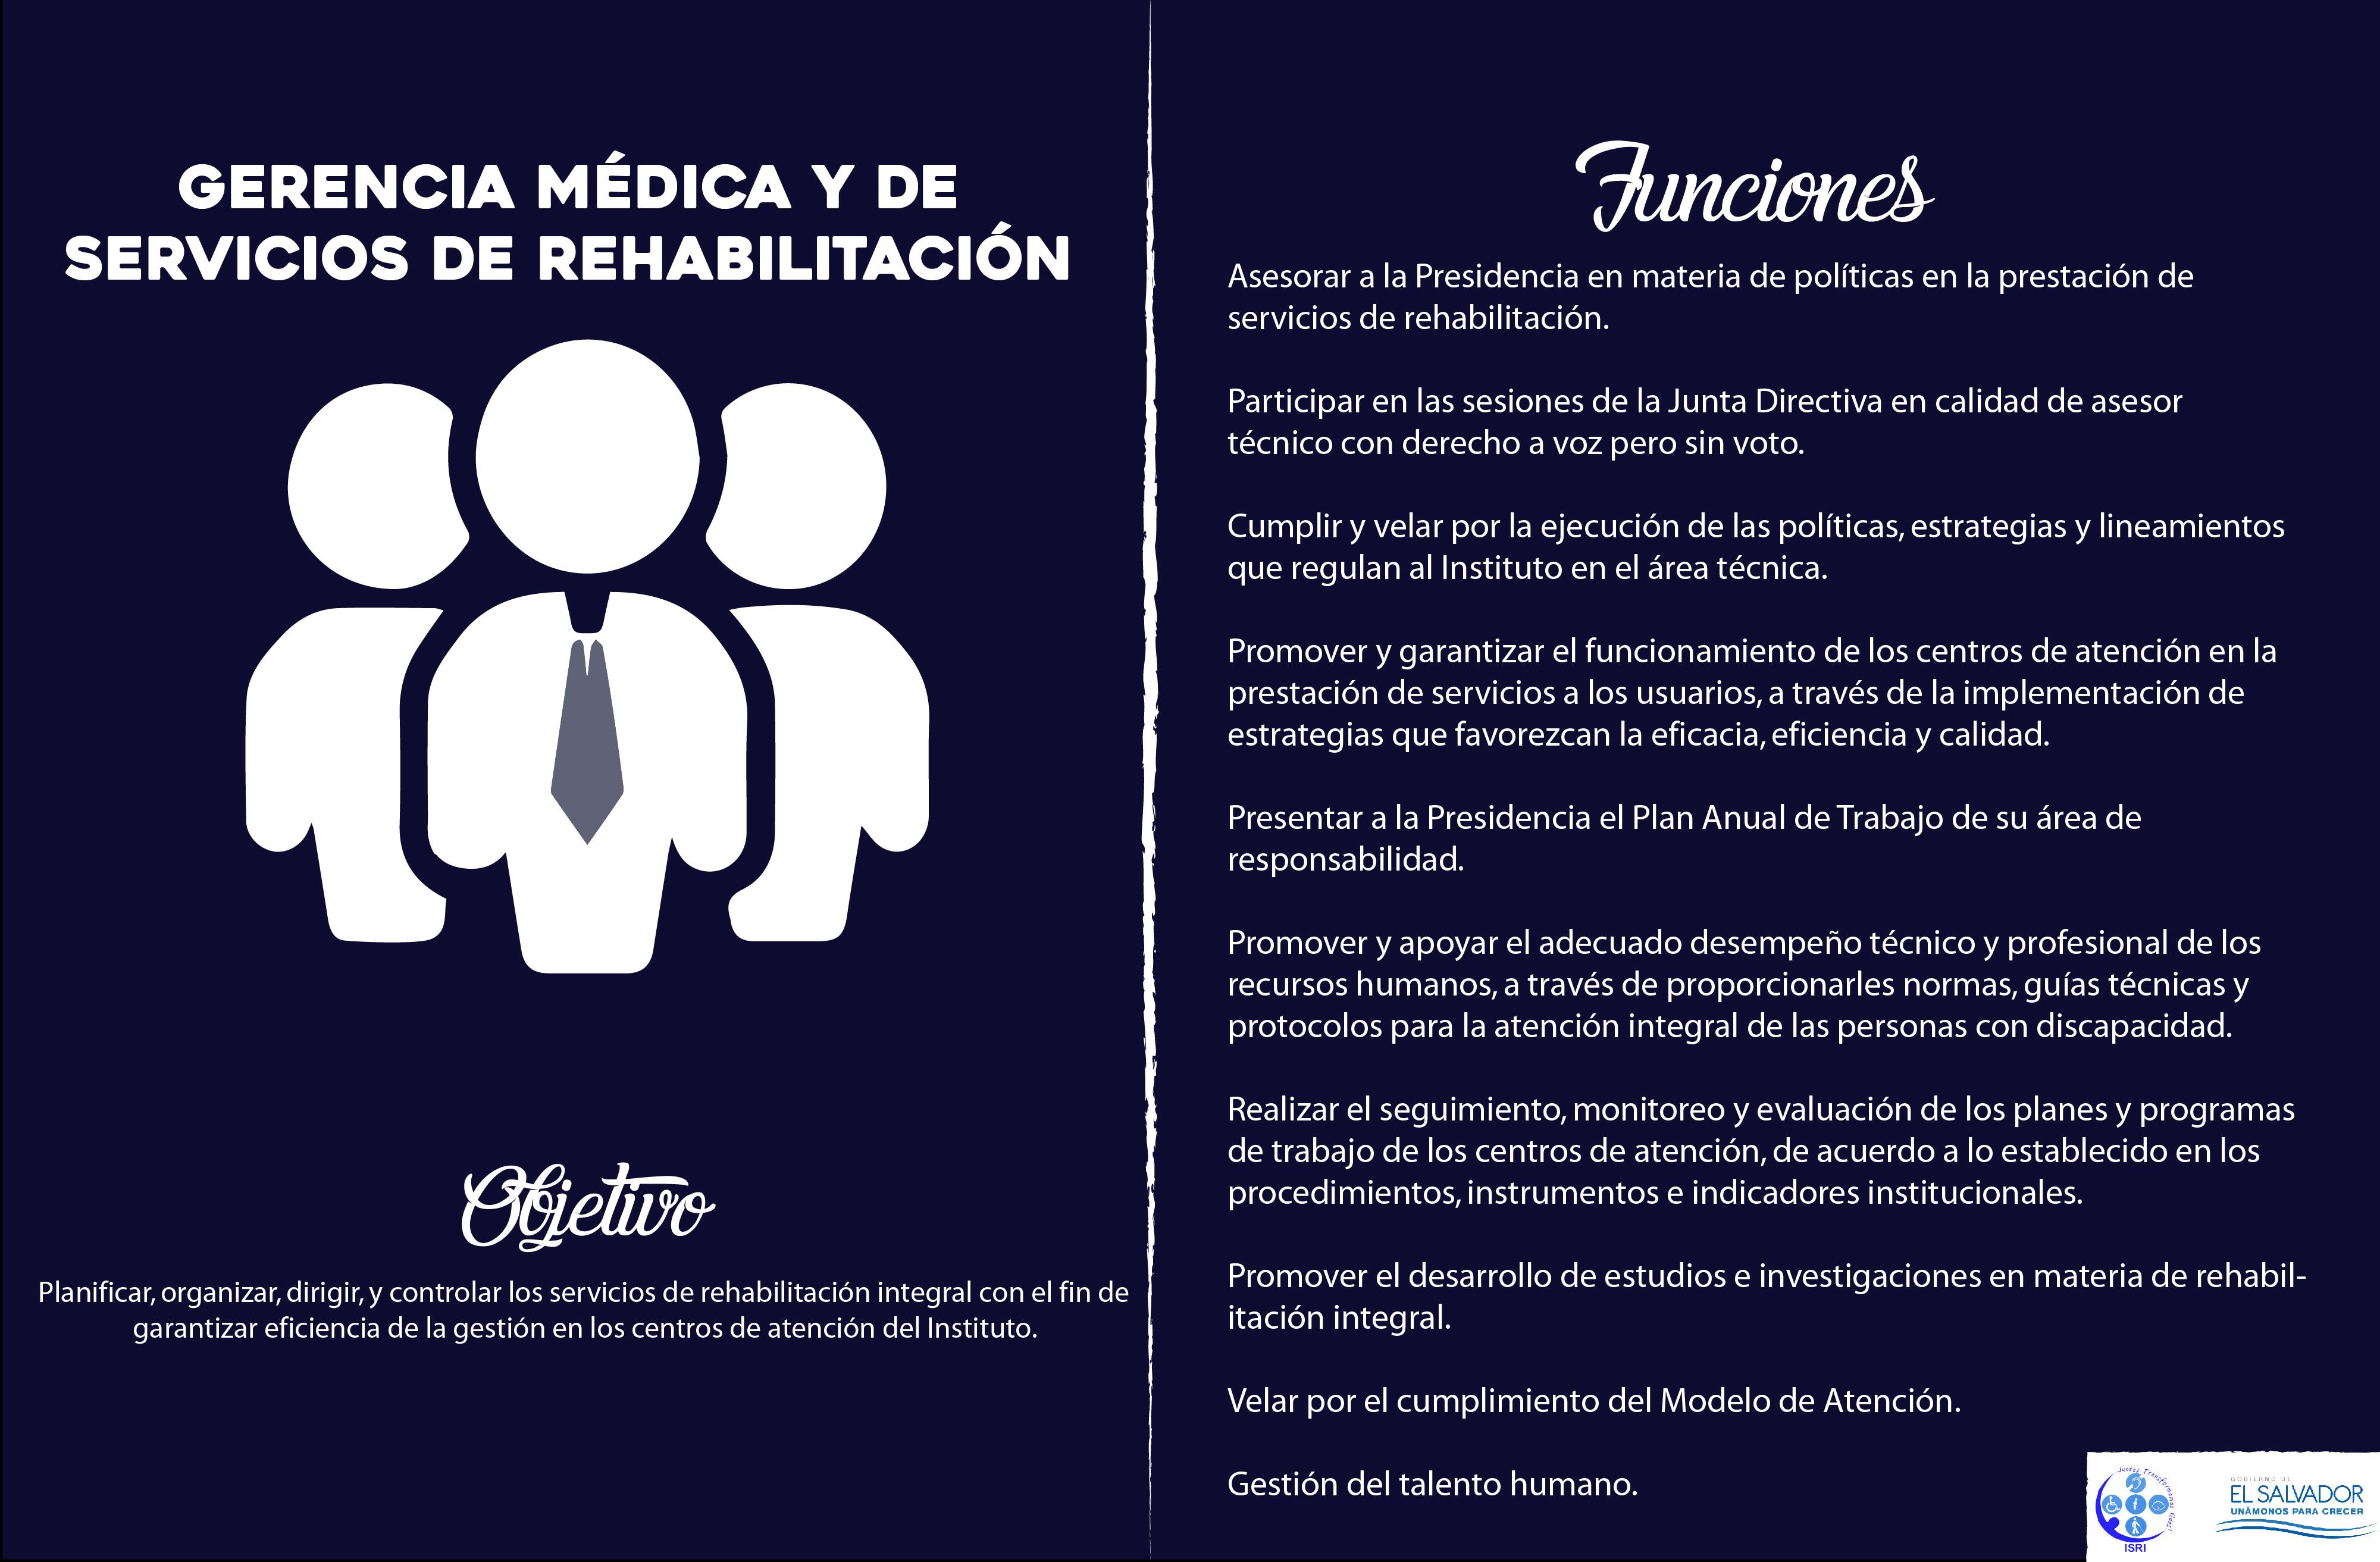 GERENCIA MÉDICA-04